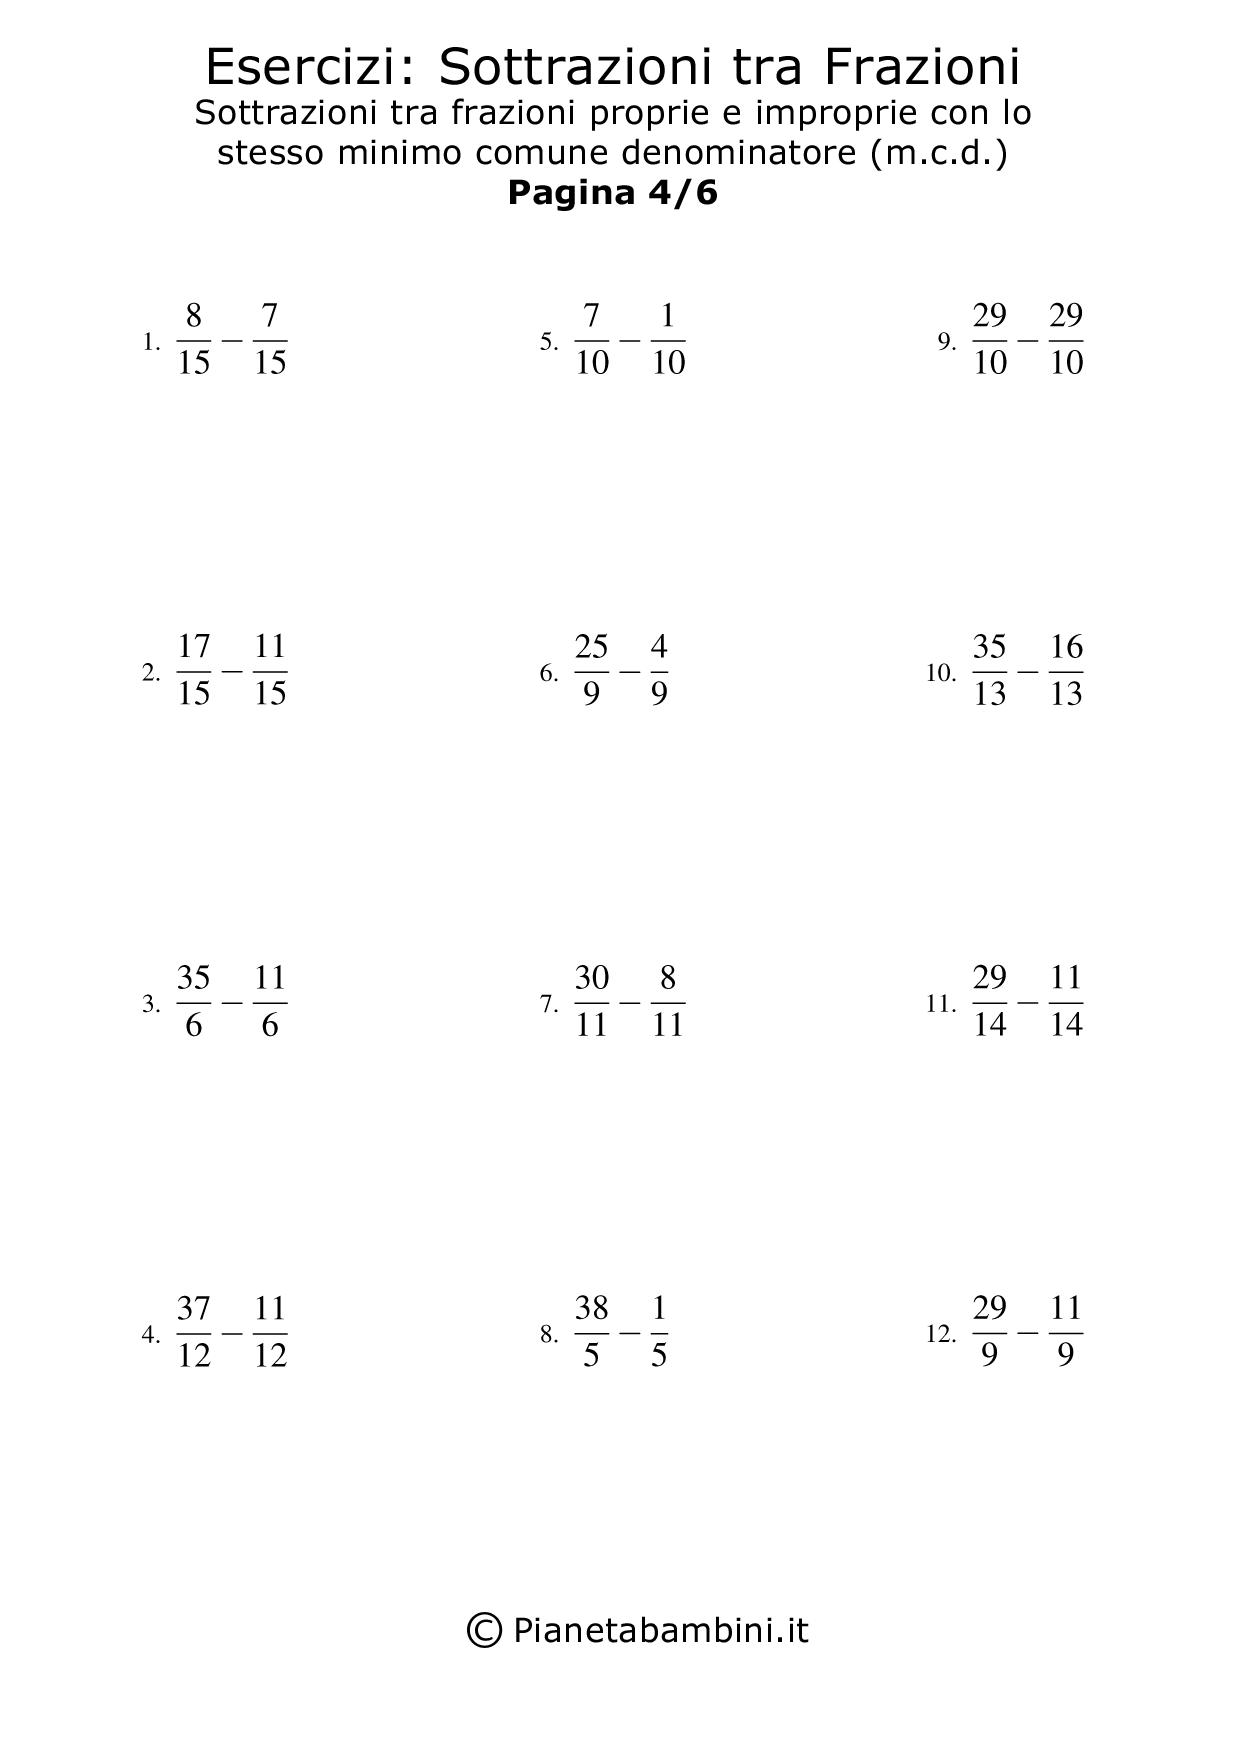 Sottrazioni-Frazioni-m.c.d.-Uguale_4